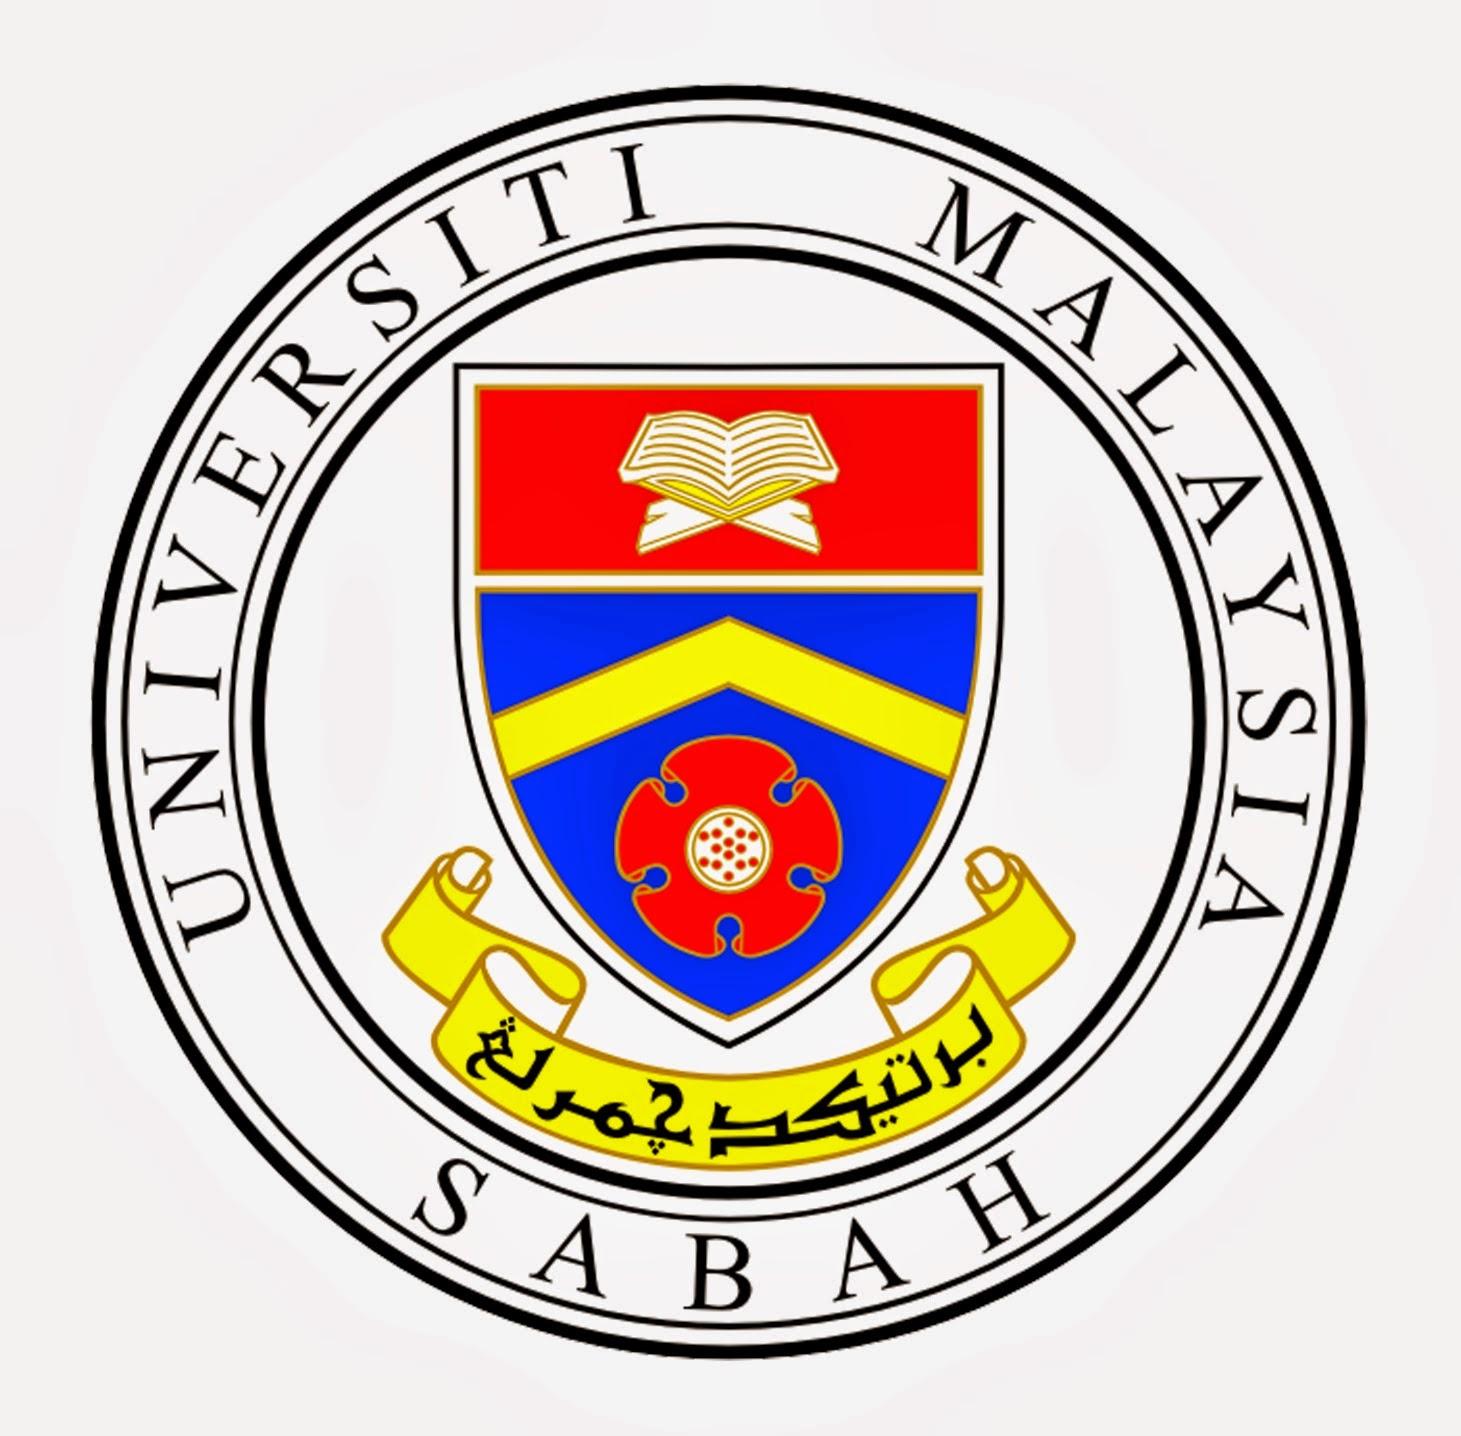 Jawatan Kosong Di Universiti Malaysia Sabah UMS Kerajaan